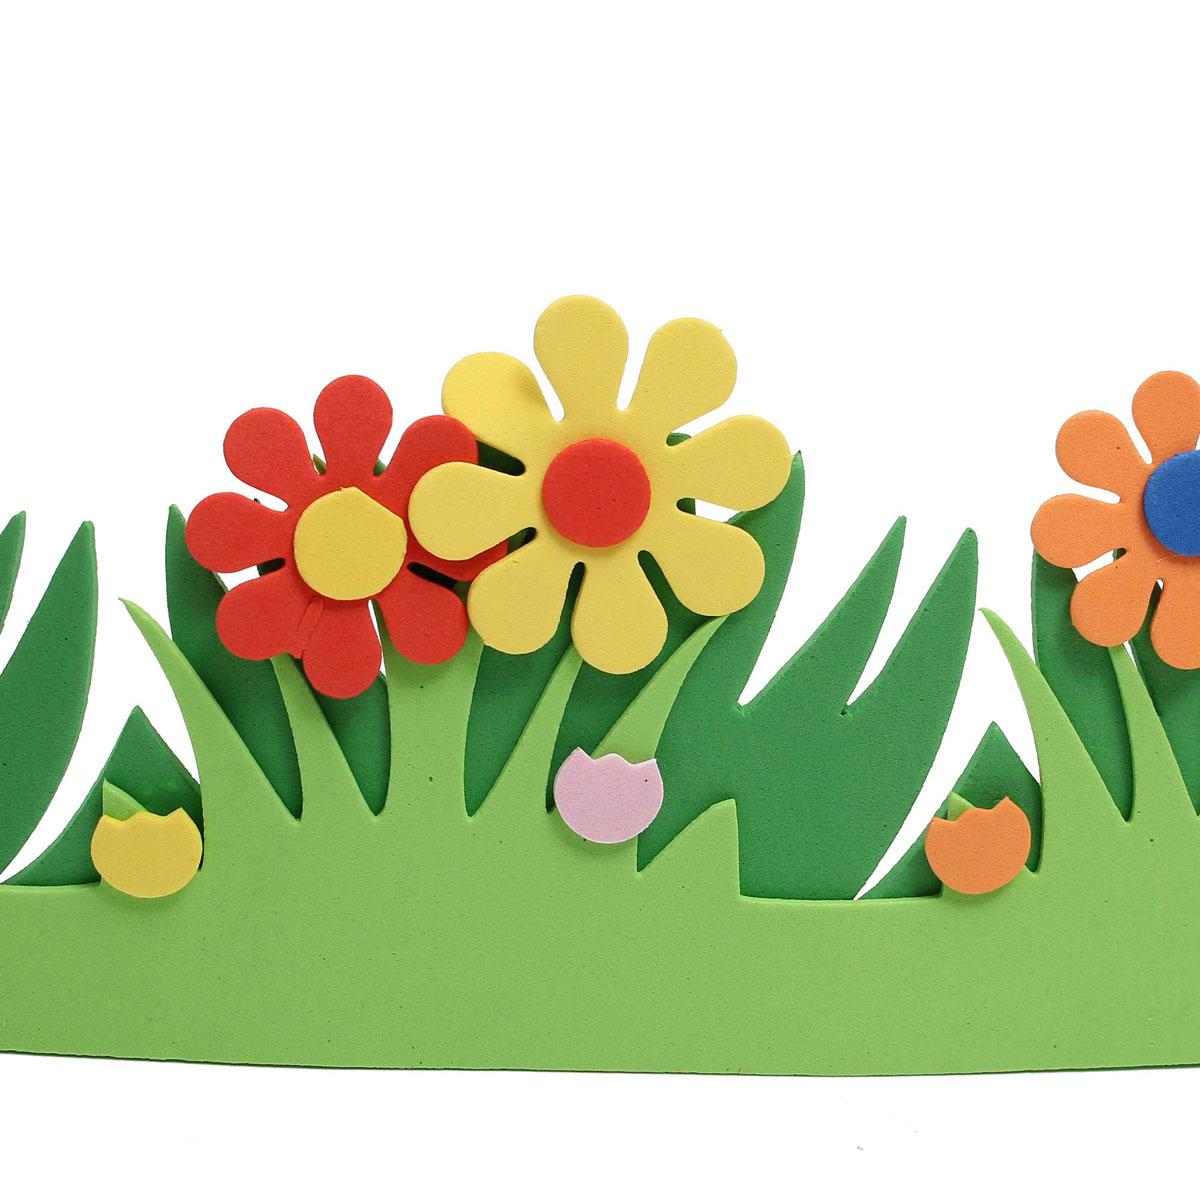 1200x1200 Children Kids Foam Flower Grass Garden Railings Kindergarten Art